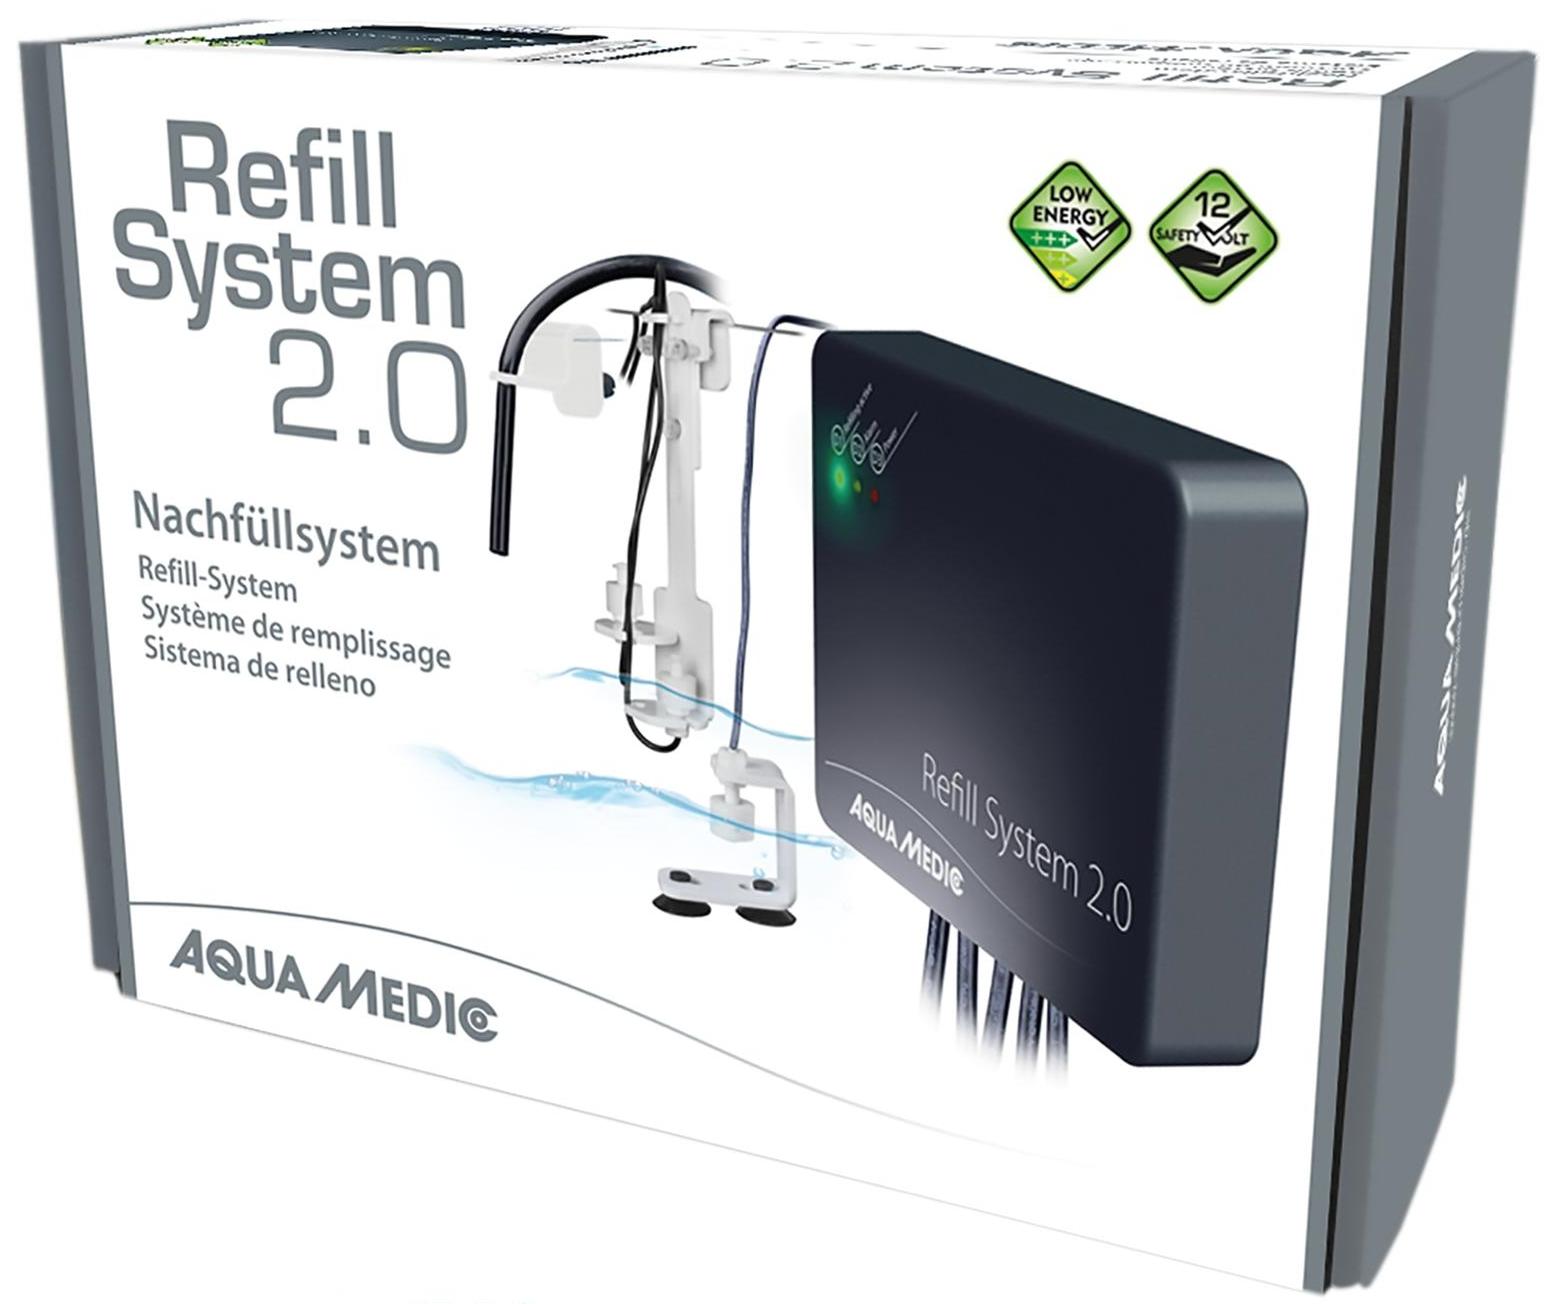 Aqua Medic Refill System Pro